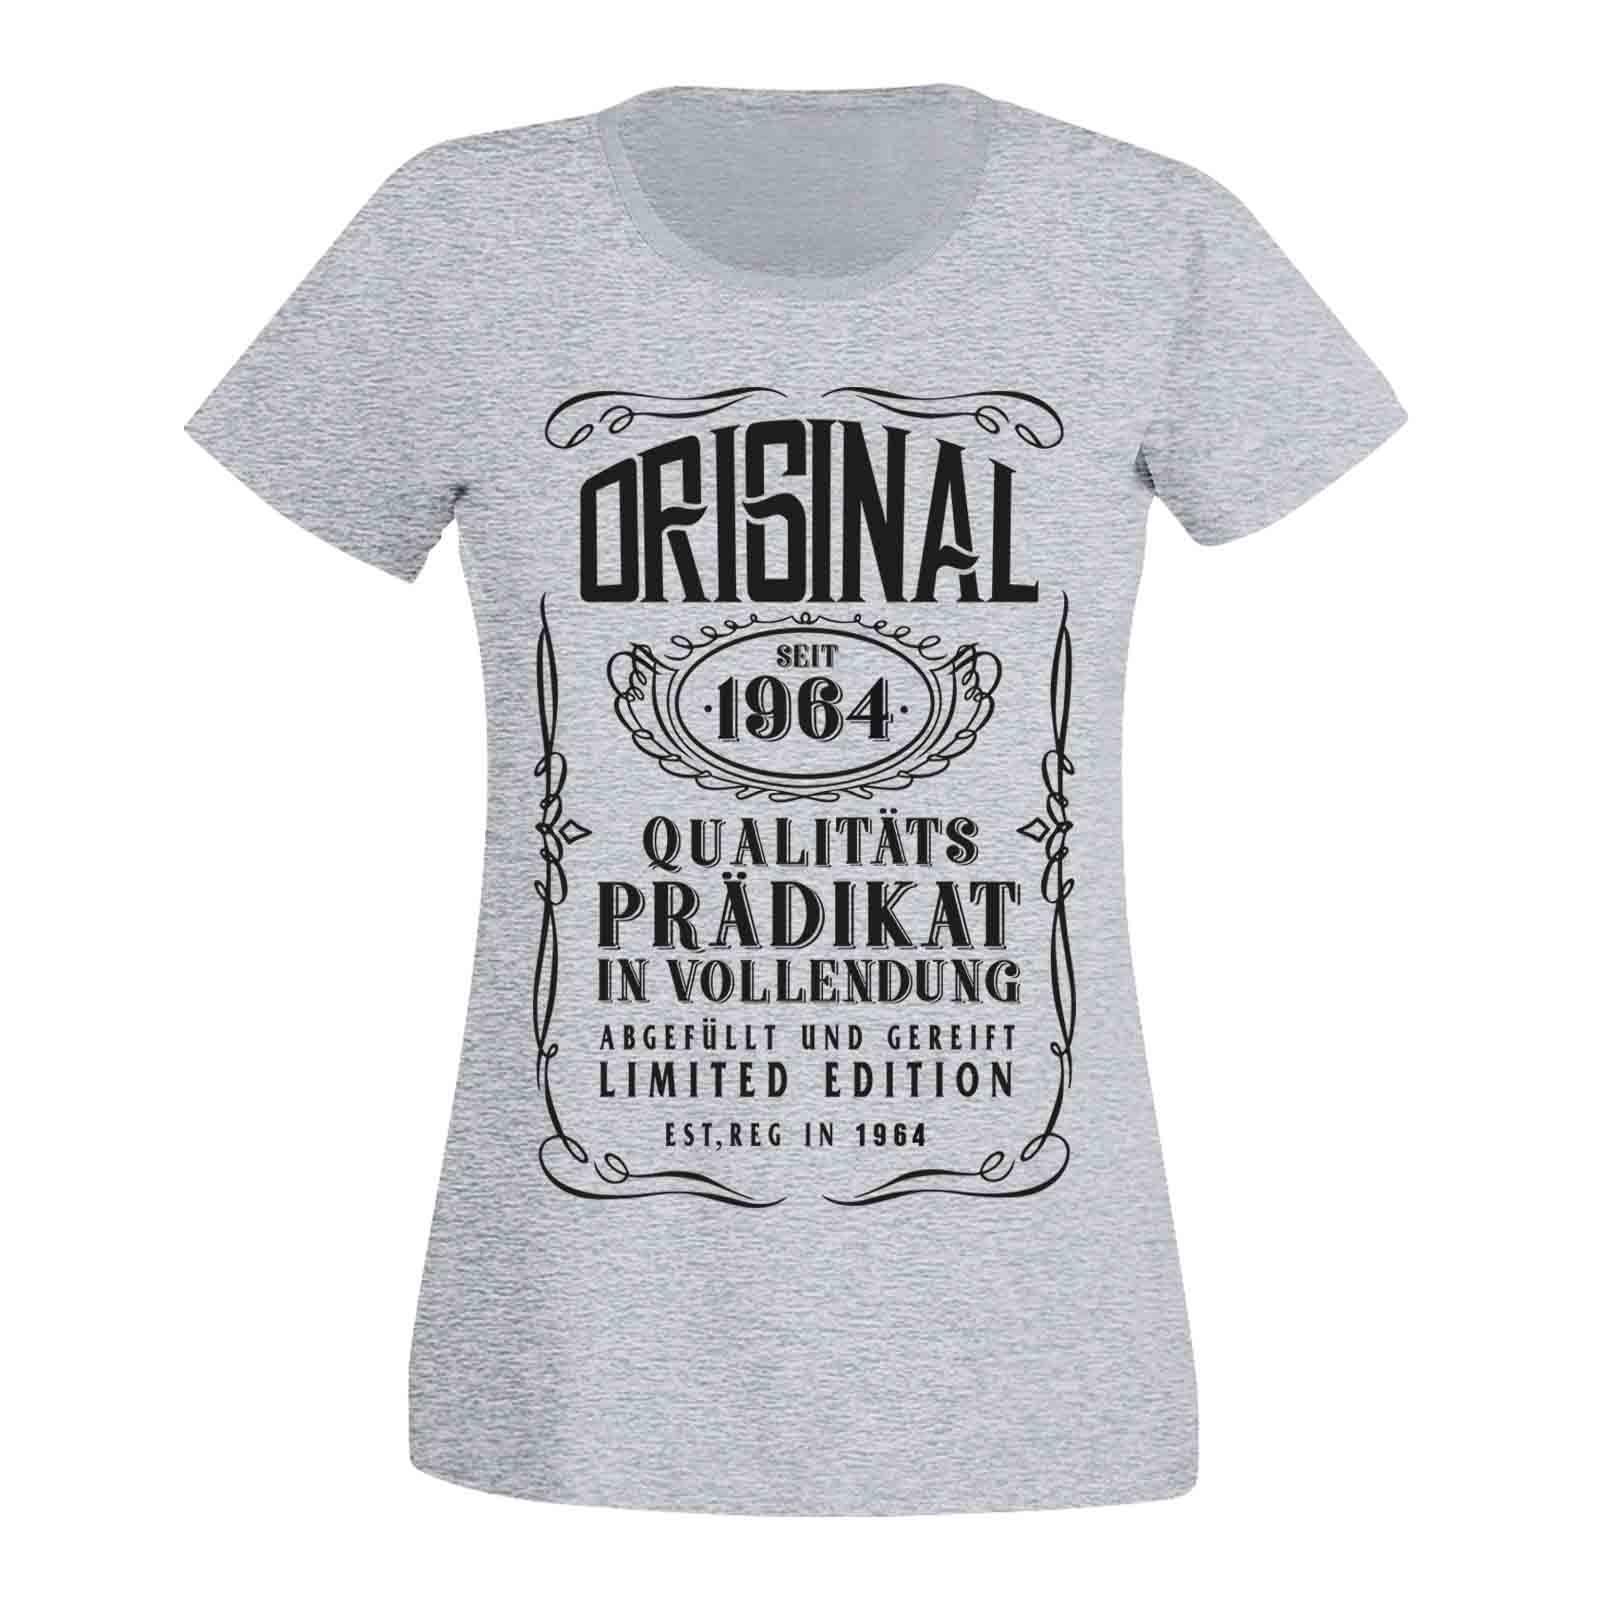 Full Size of Lustige T Shirt Sprüche Arbeit Lustige T Shirt Sprüche Frauen Lustige T Shirt Sprüche Reiter Lustige Sprüche Zum 30. Geburtstag T Shirt Küche T Shirt Lustige Sprüche